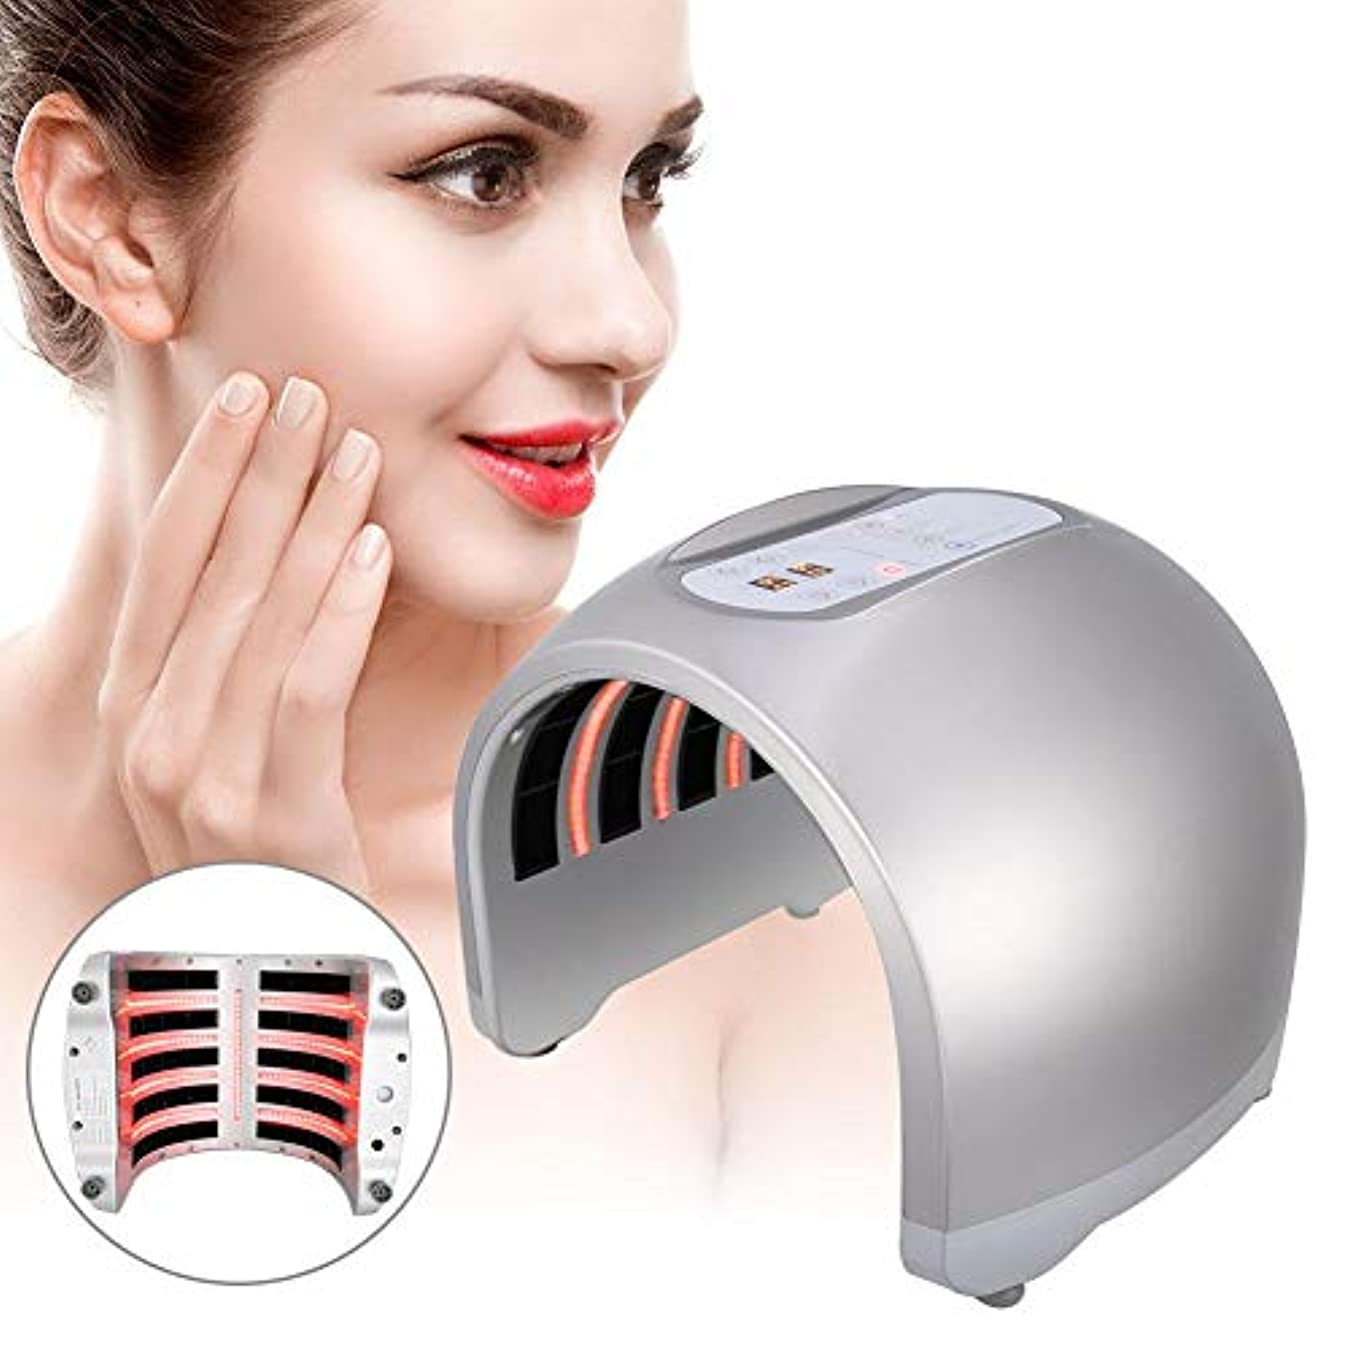 視聴者シャイニング差し引く肌の若返りLED機器-PDT 4色LEDライトフェイシャルボディスキンケア美容デバイス、しわを改善(米国のプラグ)